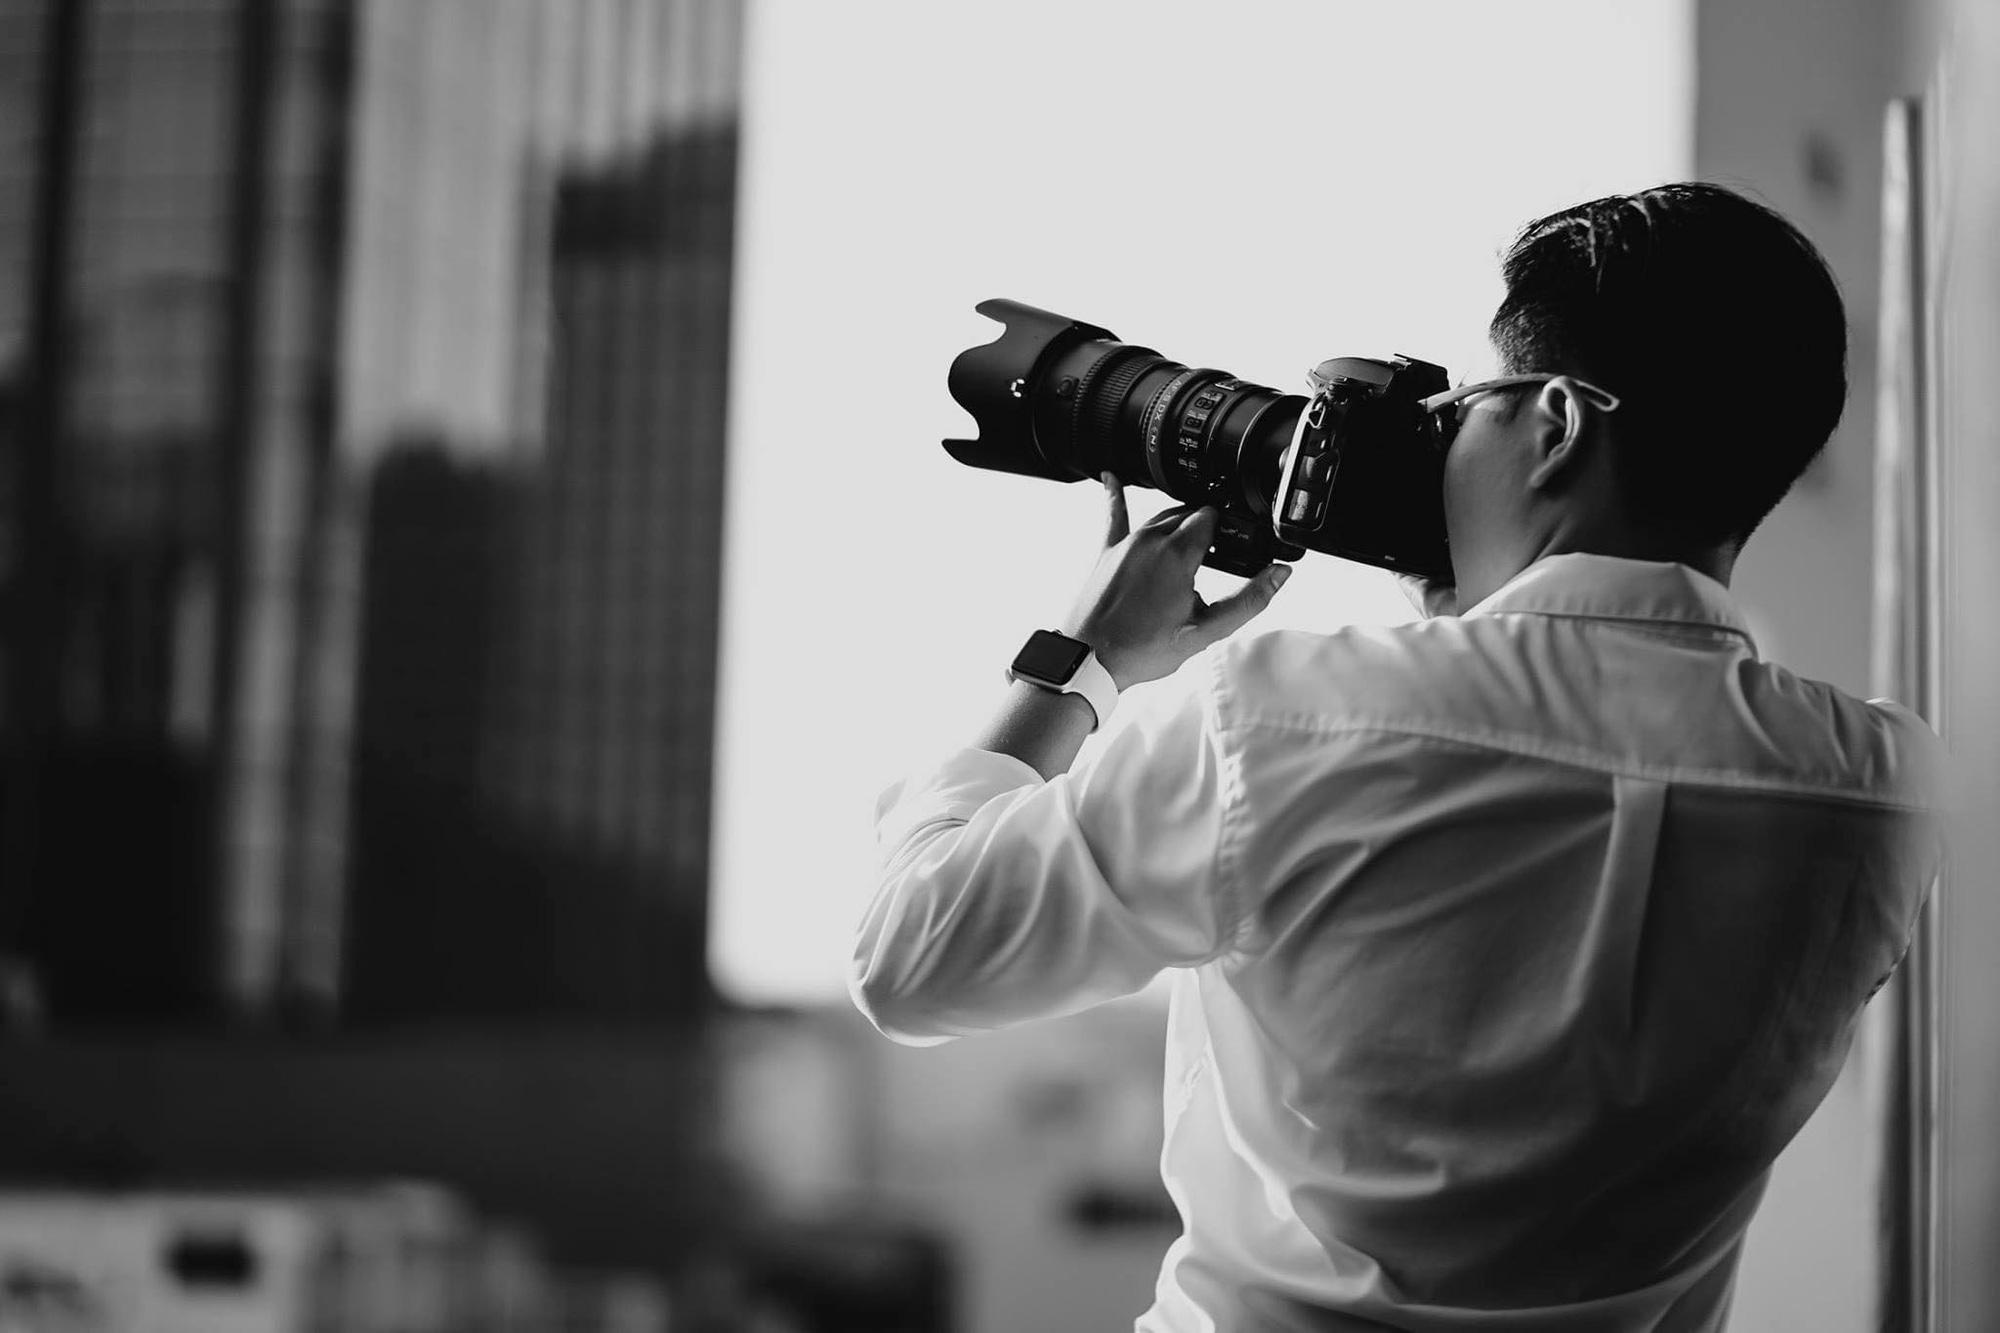 Từ vác chân máy khắp các sự kiện trong trường đại học tới film editor loạt sản phẩm đình đám, nam sinh ĐH FPT được đặt biệt danh quái kiệt - Ảnh 4.